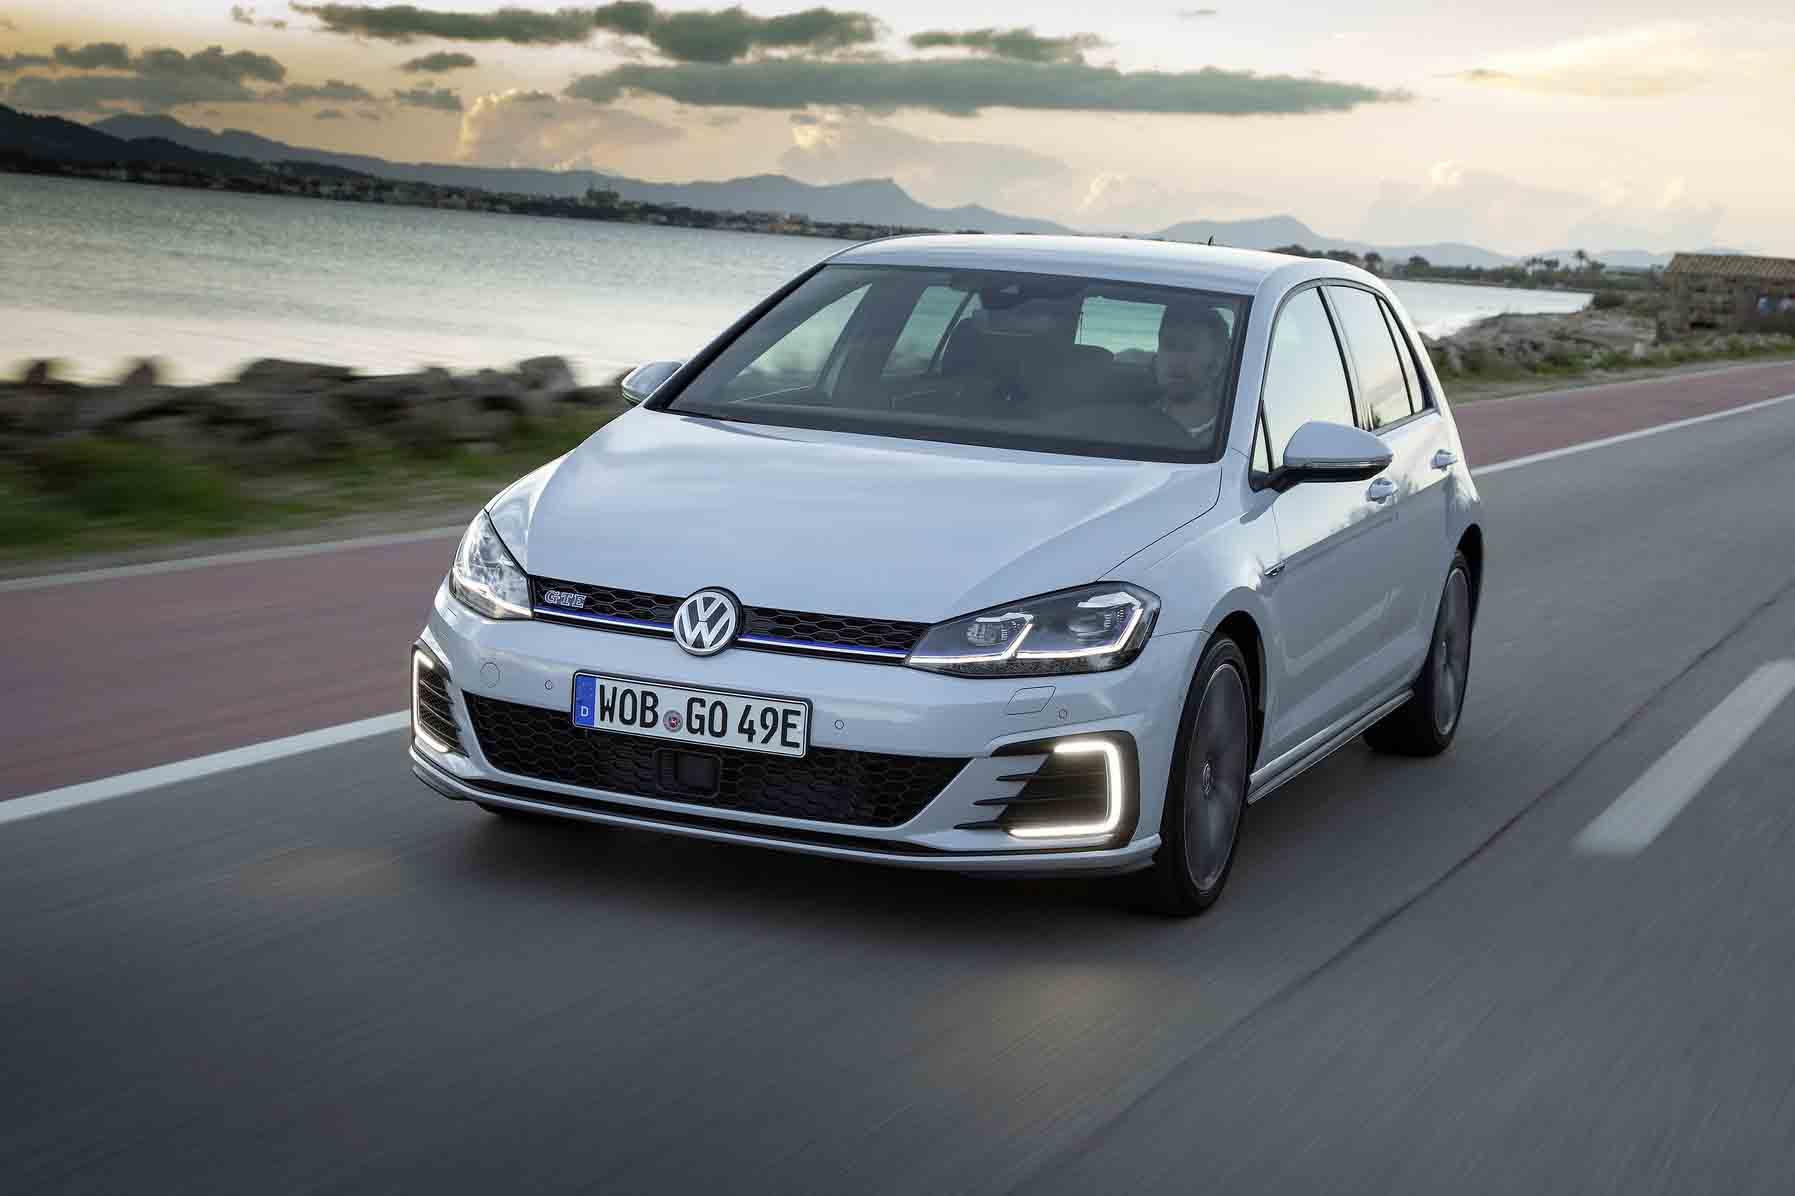 Volkswagen Golf GTE Hybrid